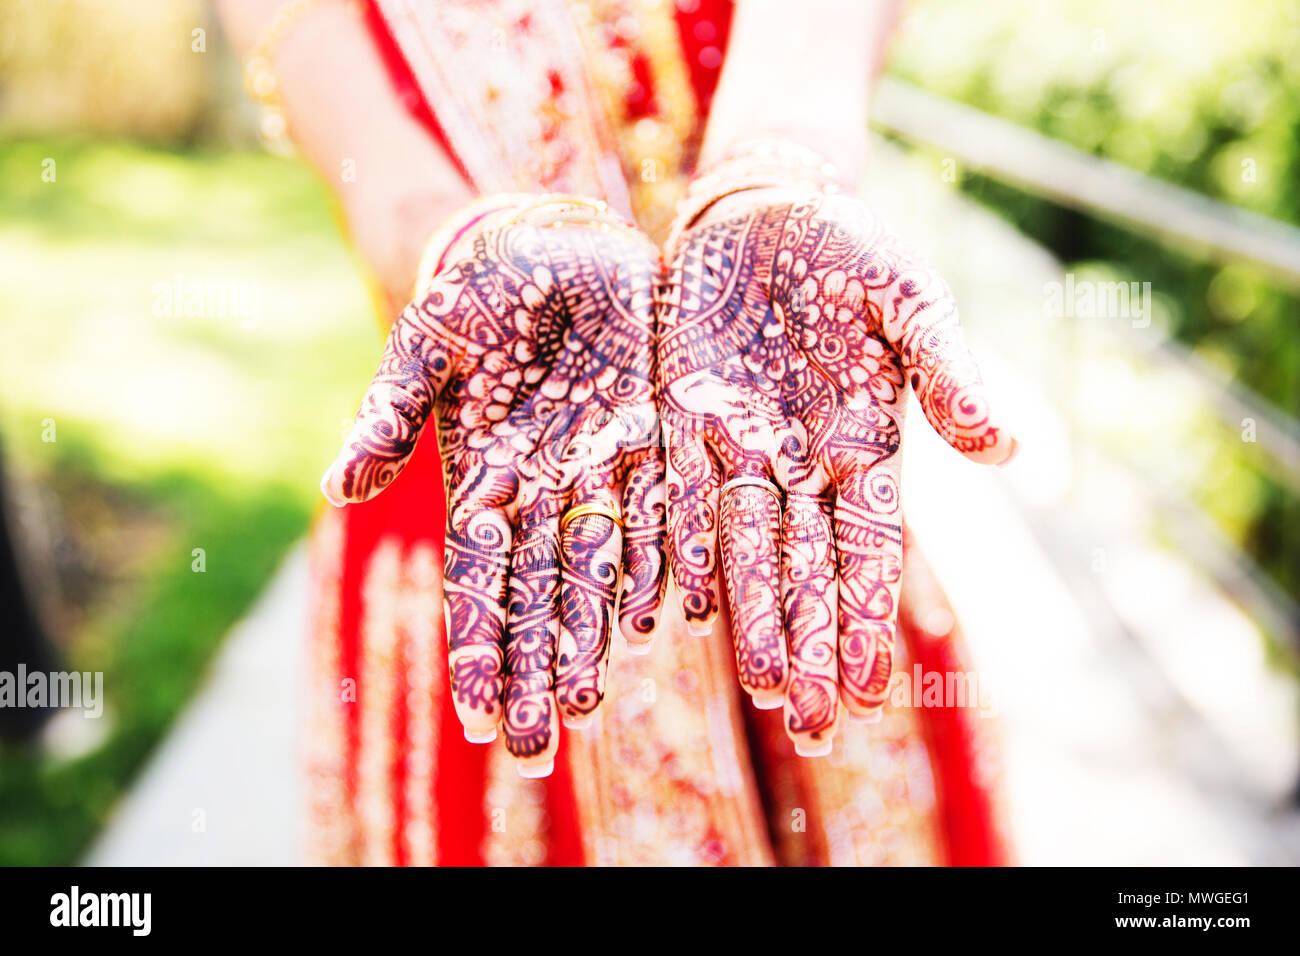 Pakistani Culture Imágenes De Stock & Pakistani Culture Fotos De ...